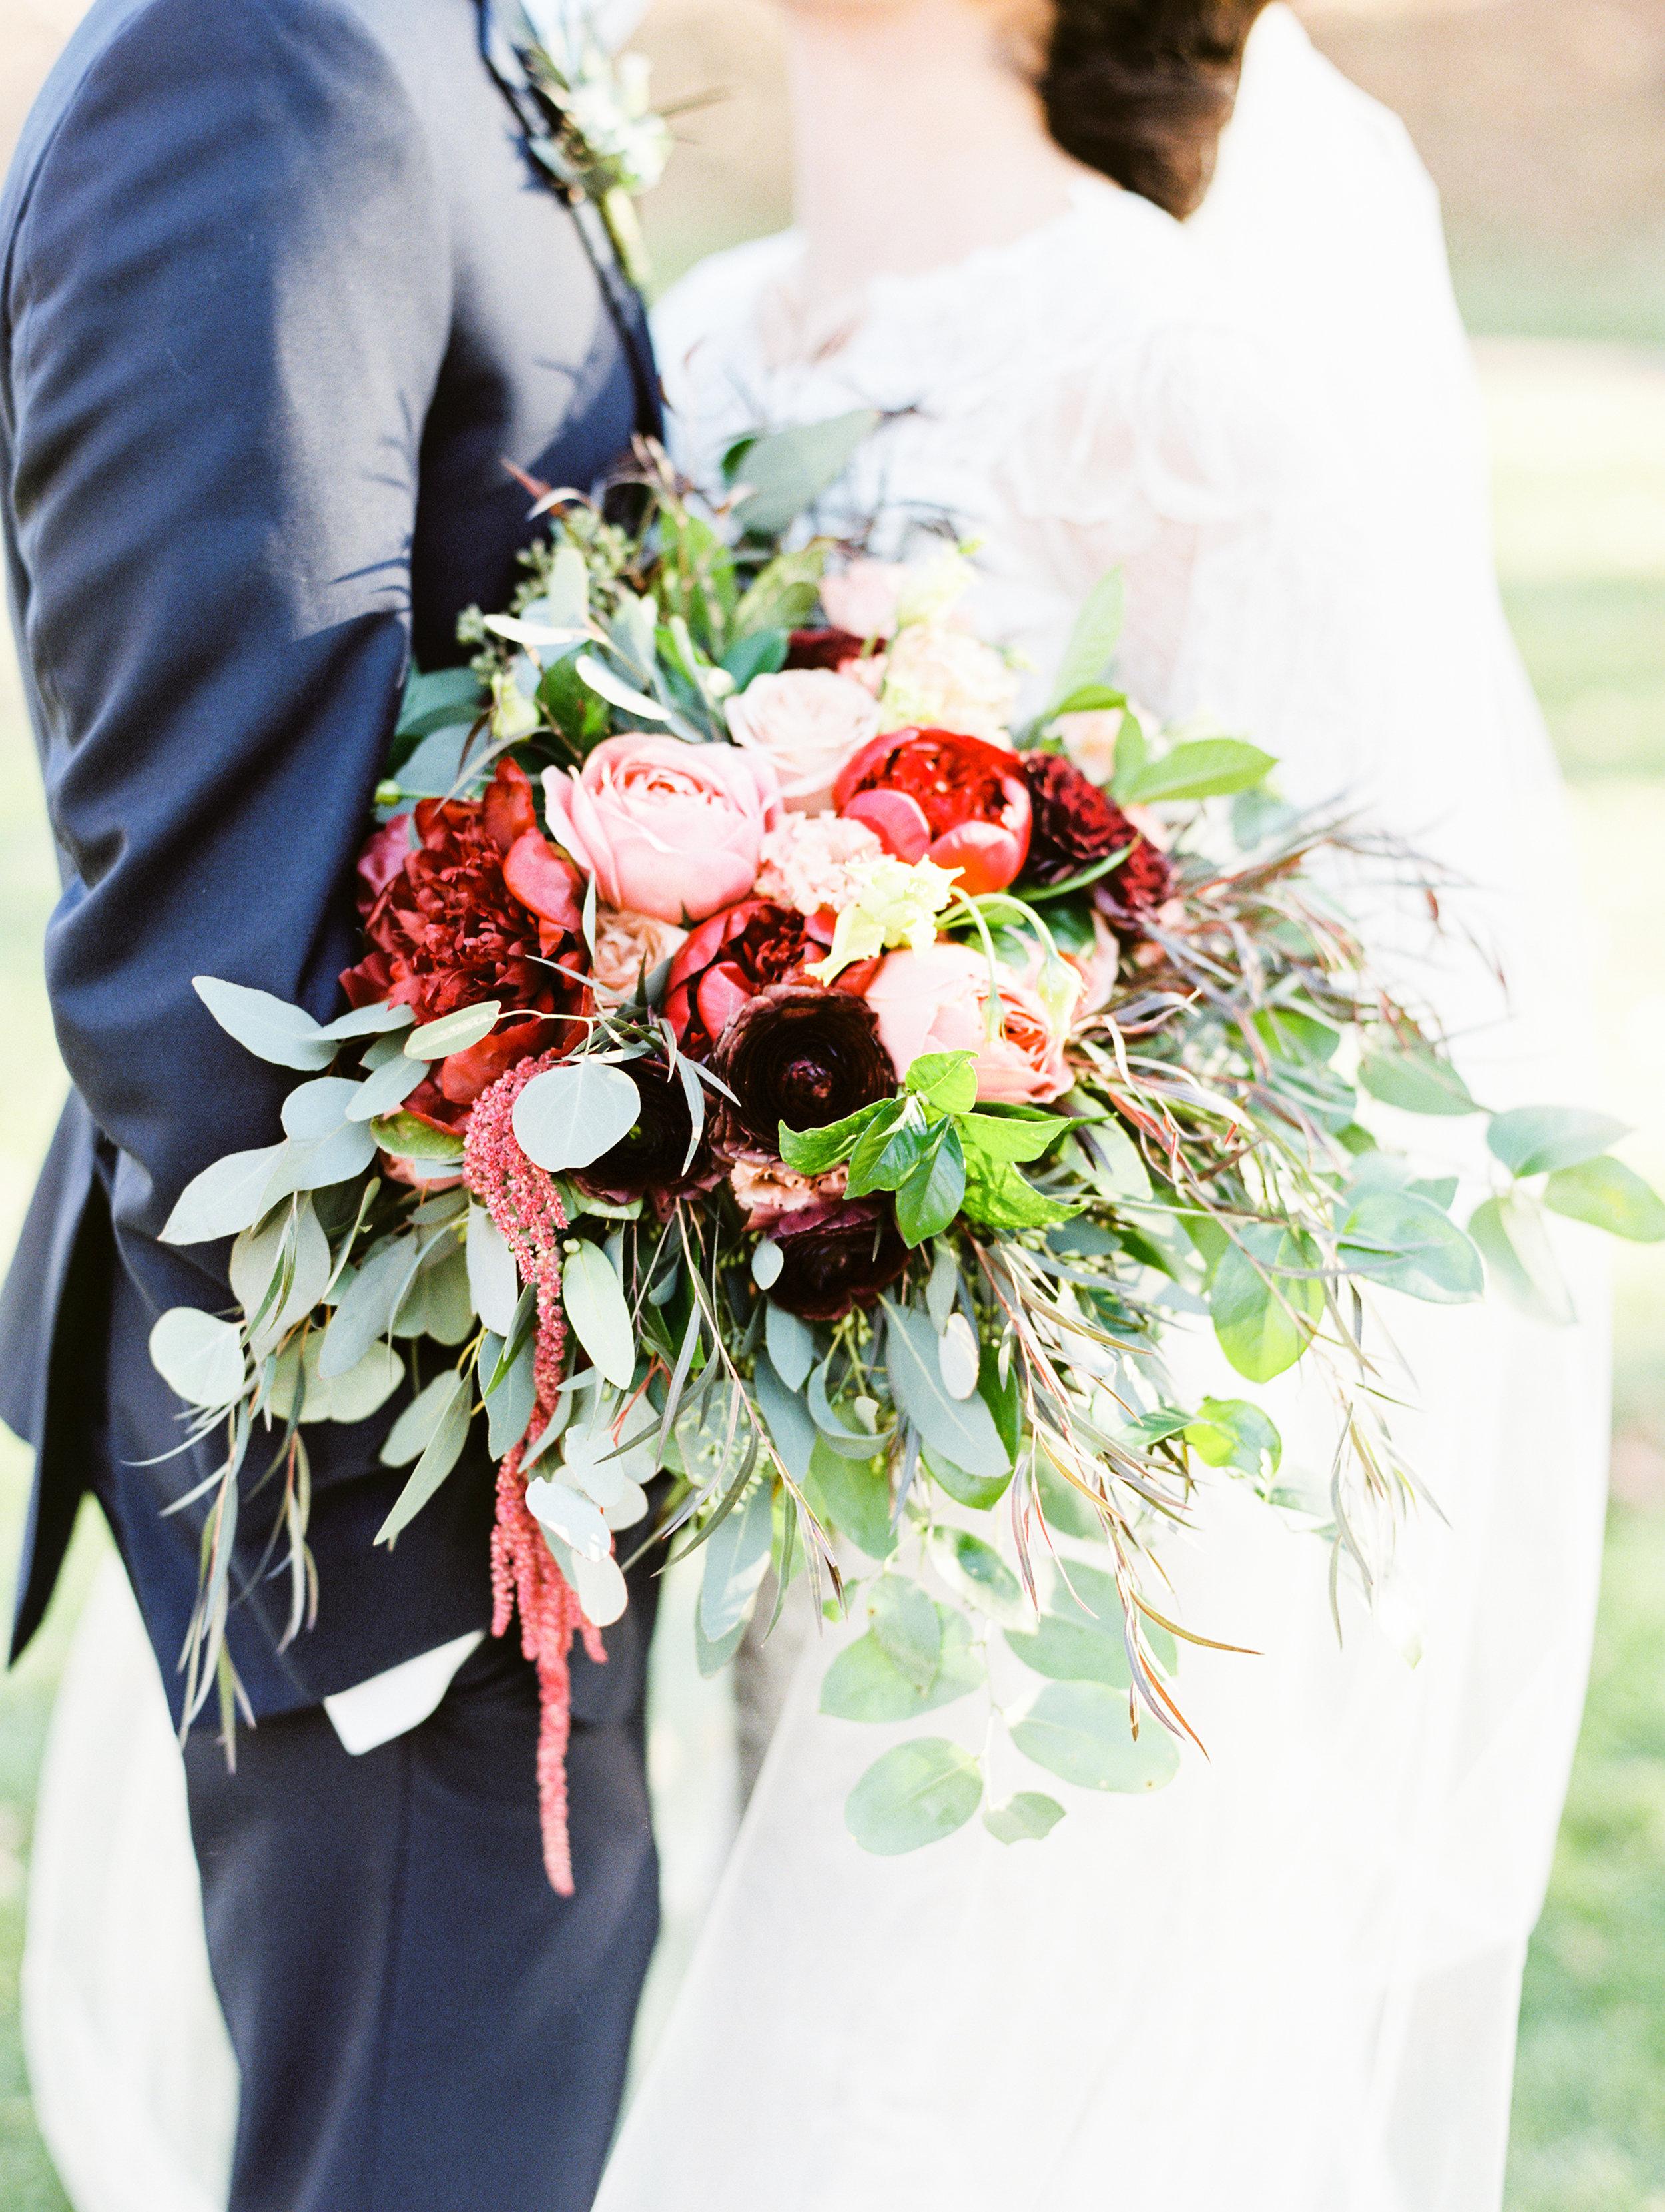 Vogelzang+Wedding+Bride+Groom-58.jpg